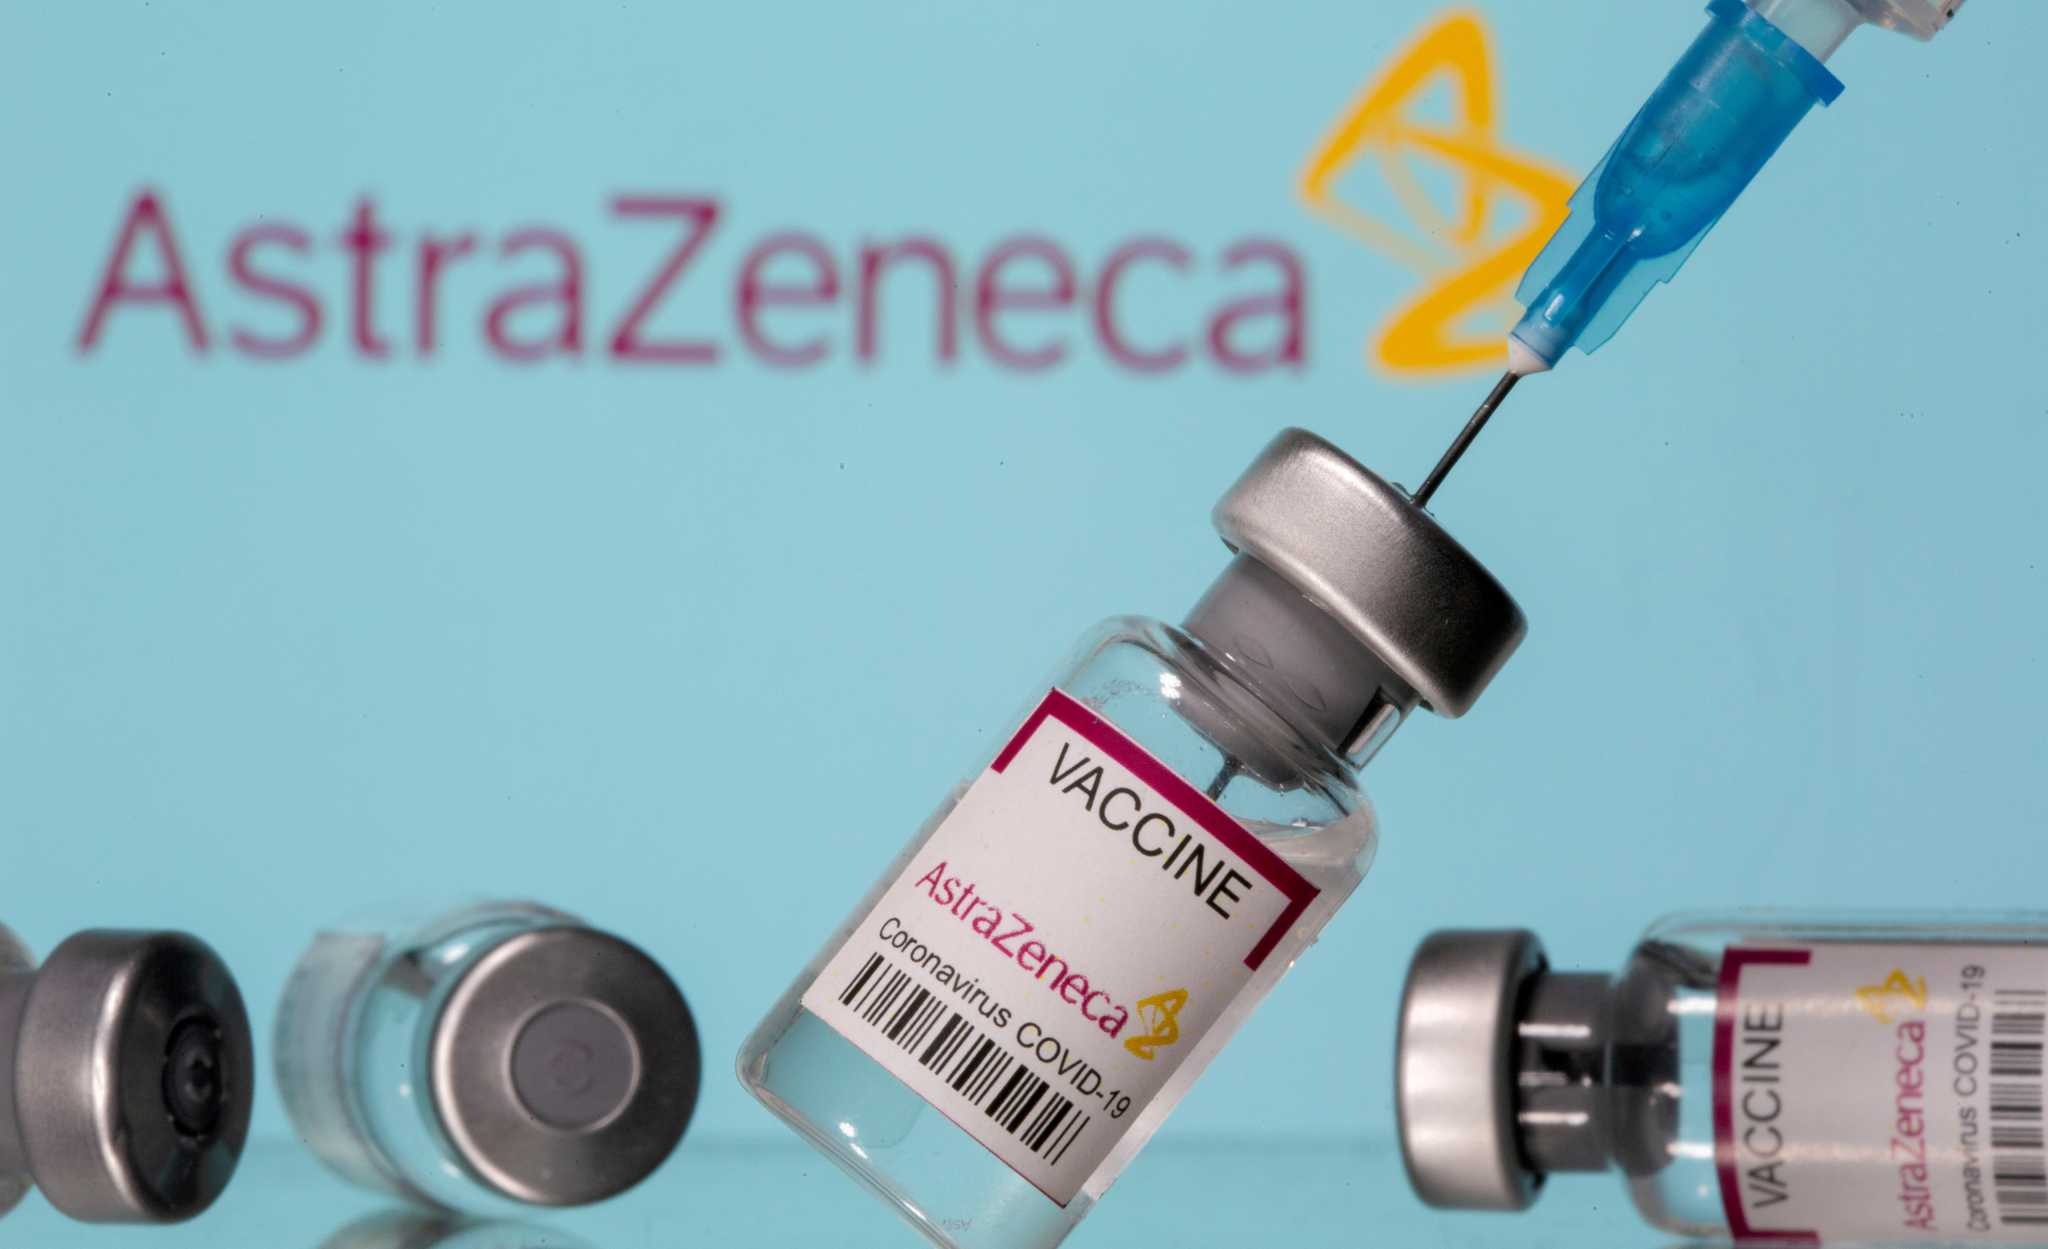 Γυναίκα που έκανε το εμβόλιο της AstraZeneca καταγγέλλει: Μεταμορφώθηκα σε εξωγήινο τέρας